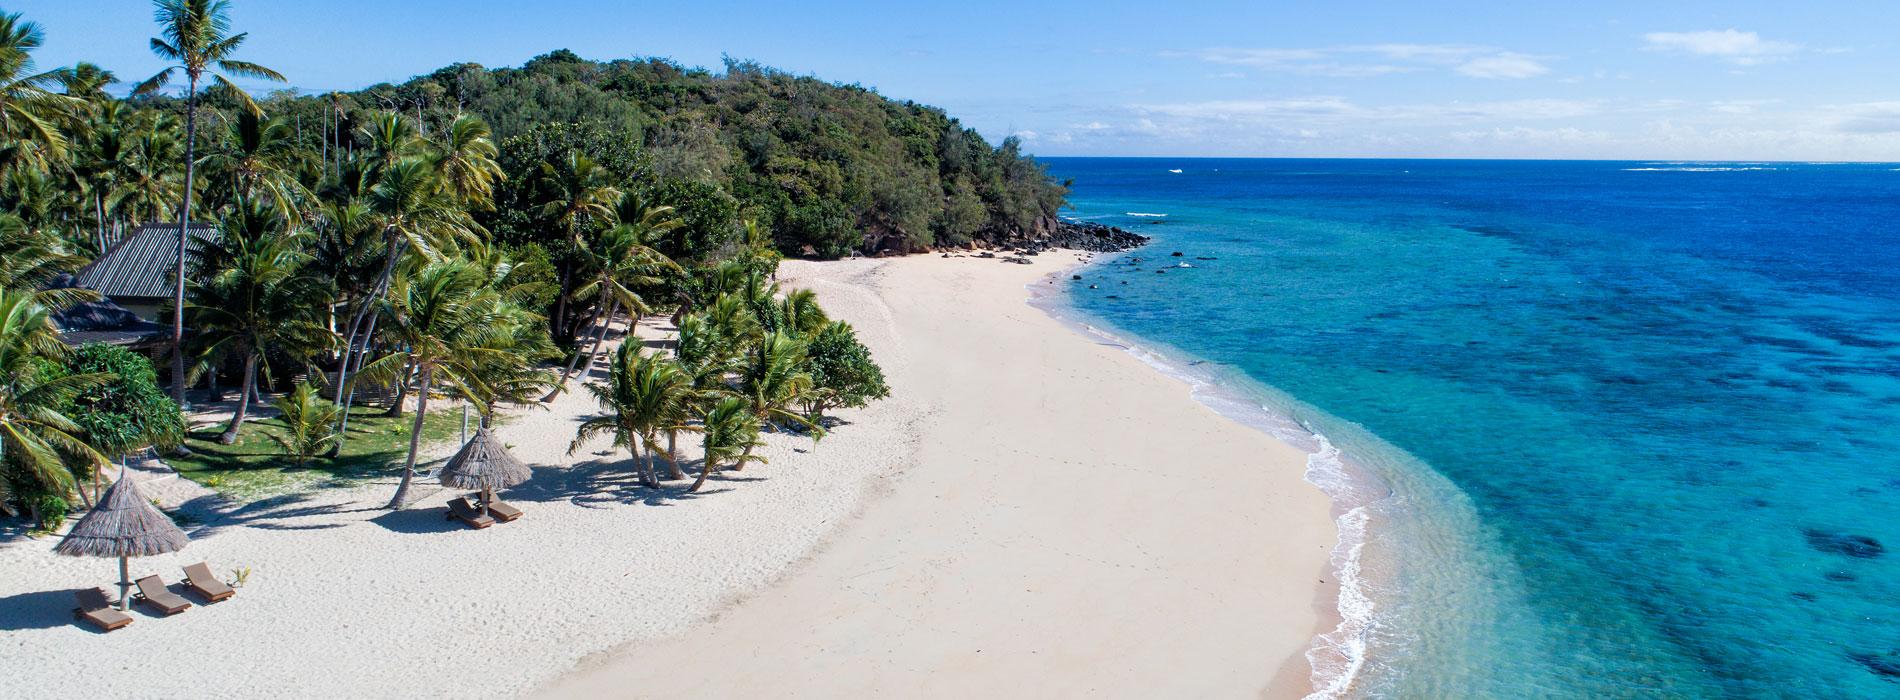 paradise cove resort fiji beach